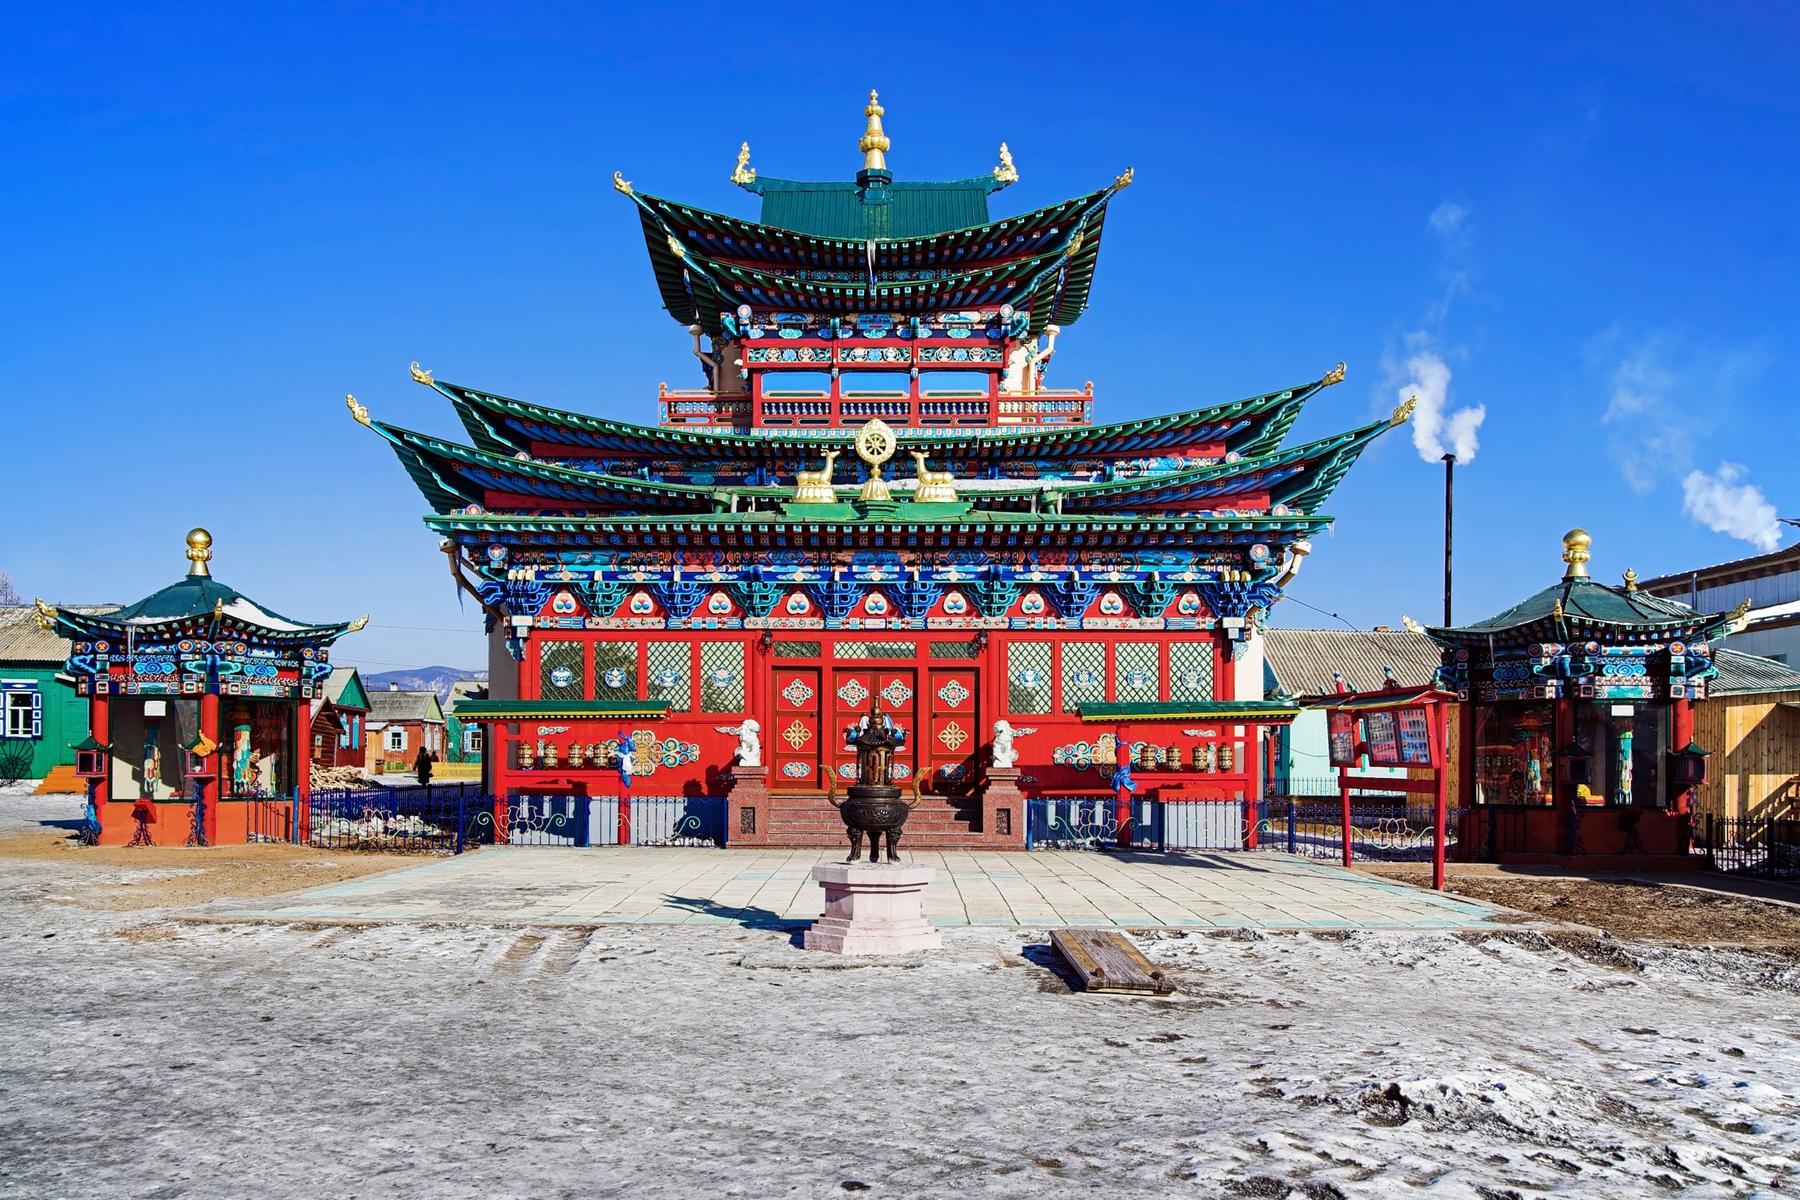 Буддийский храм Иволгинский дацан «Хамбын Хурэ». Расположен в Республике Бурятия в селе Верхняя Иволга в 36 км западнее центра Улан-Удэ